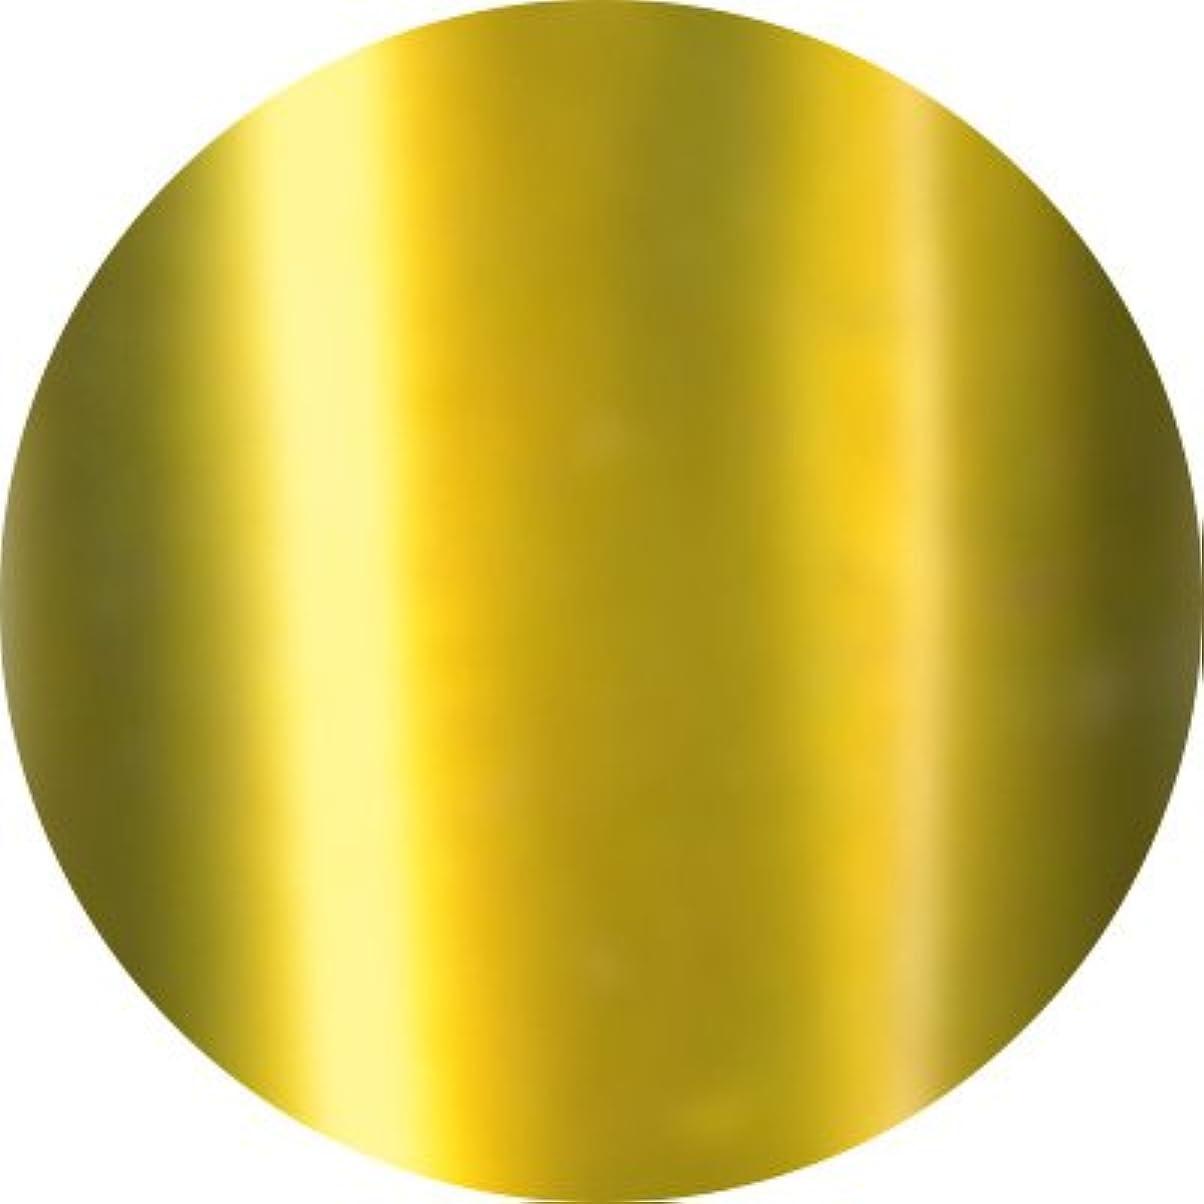 代数政策マーティンルーサーキングジュニアJewelry jel(ジュエリージェル) カラージェル 5ml<BR>ピッカピカメタリック MKゴールド